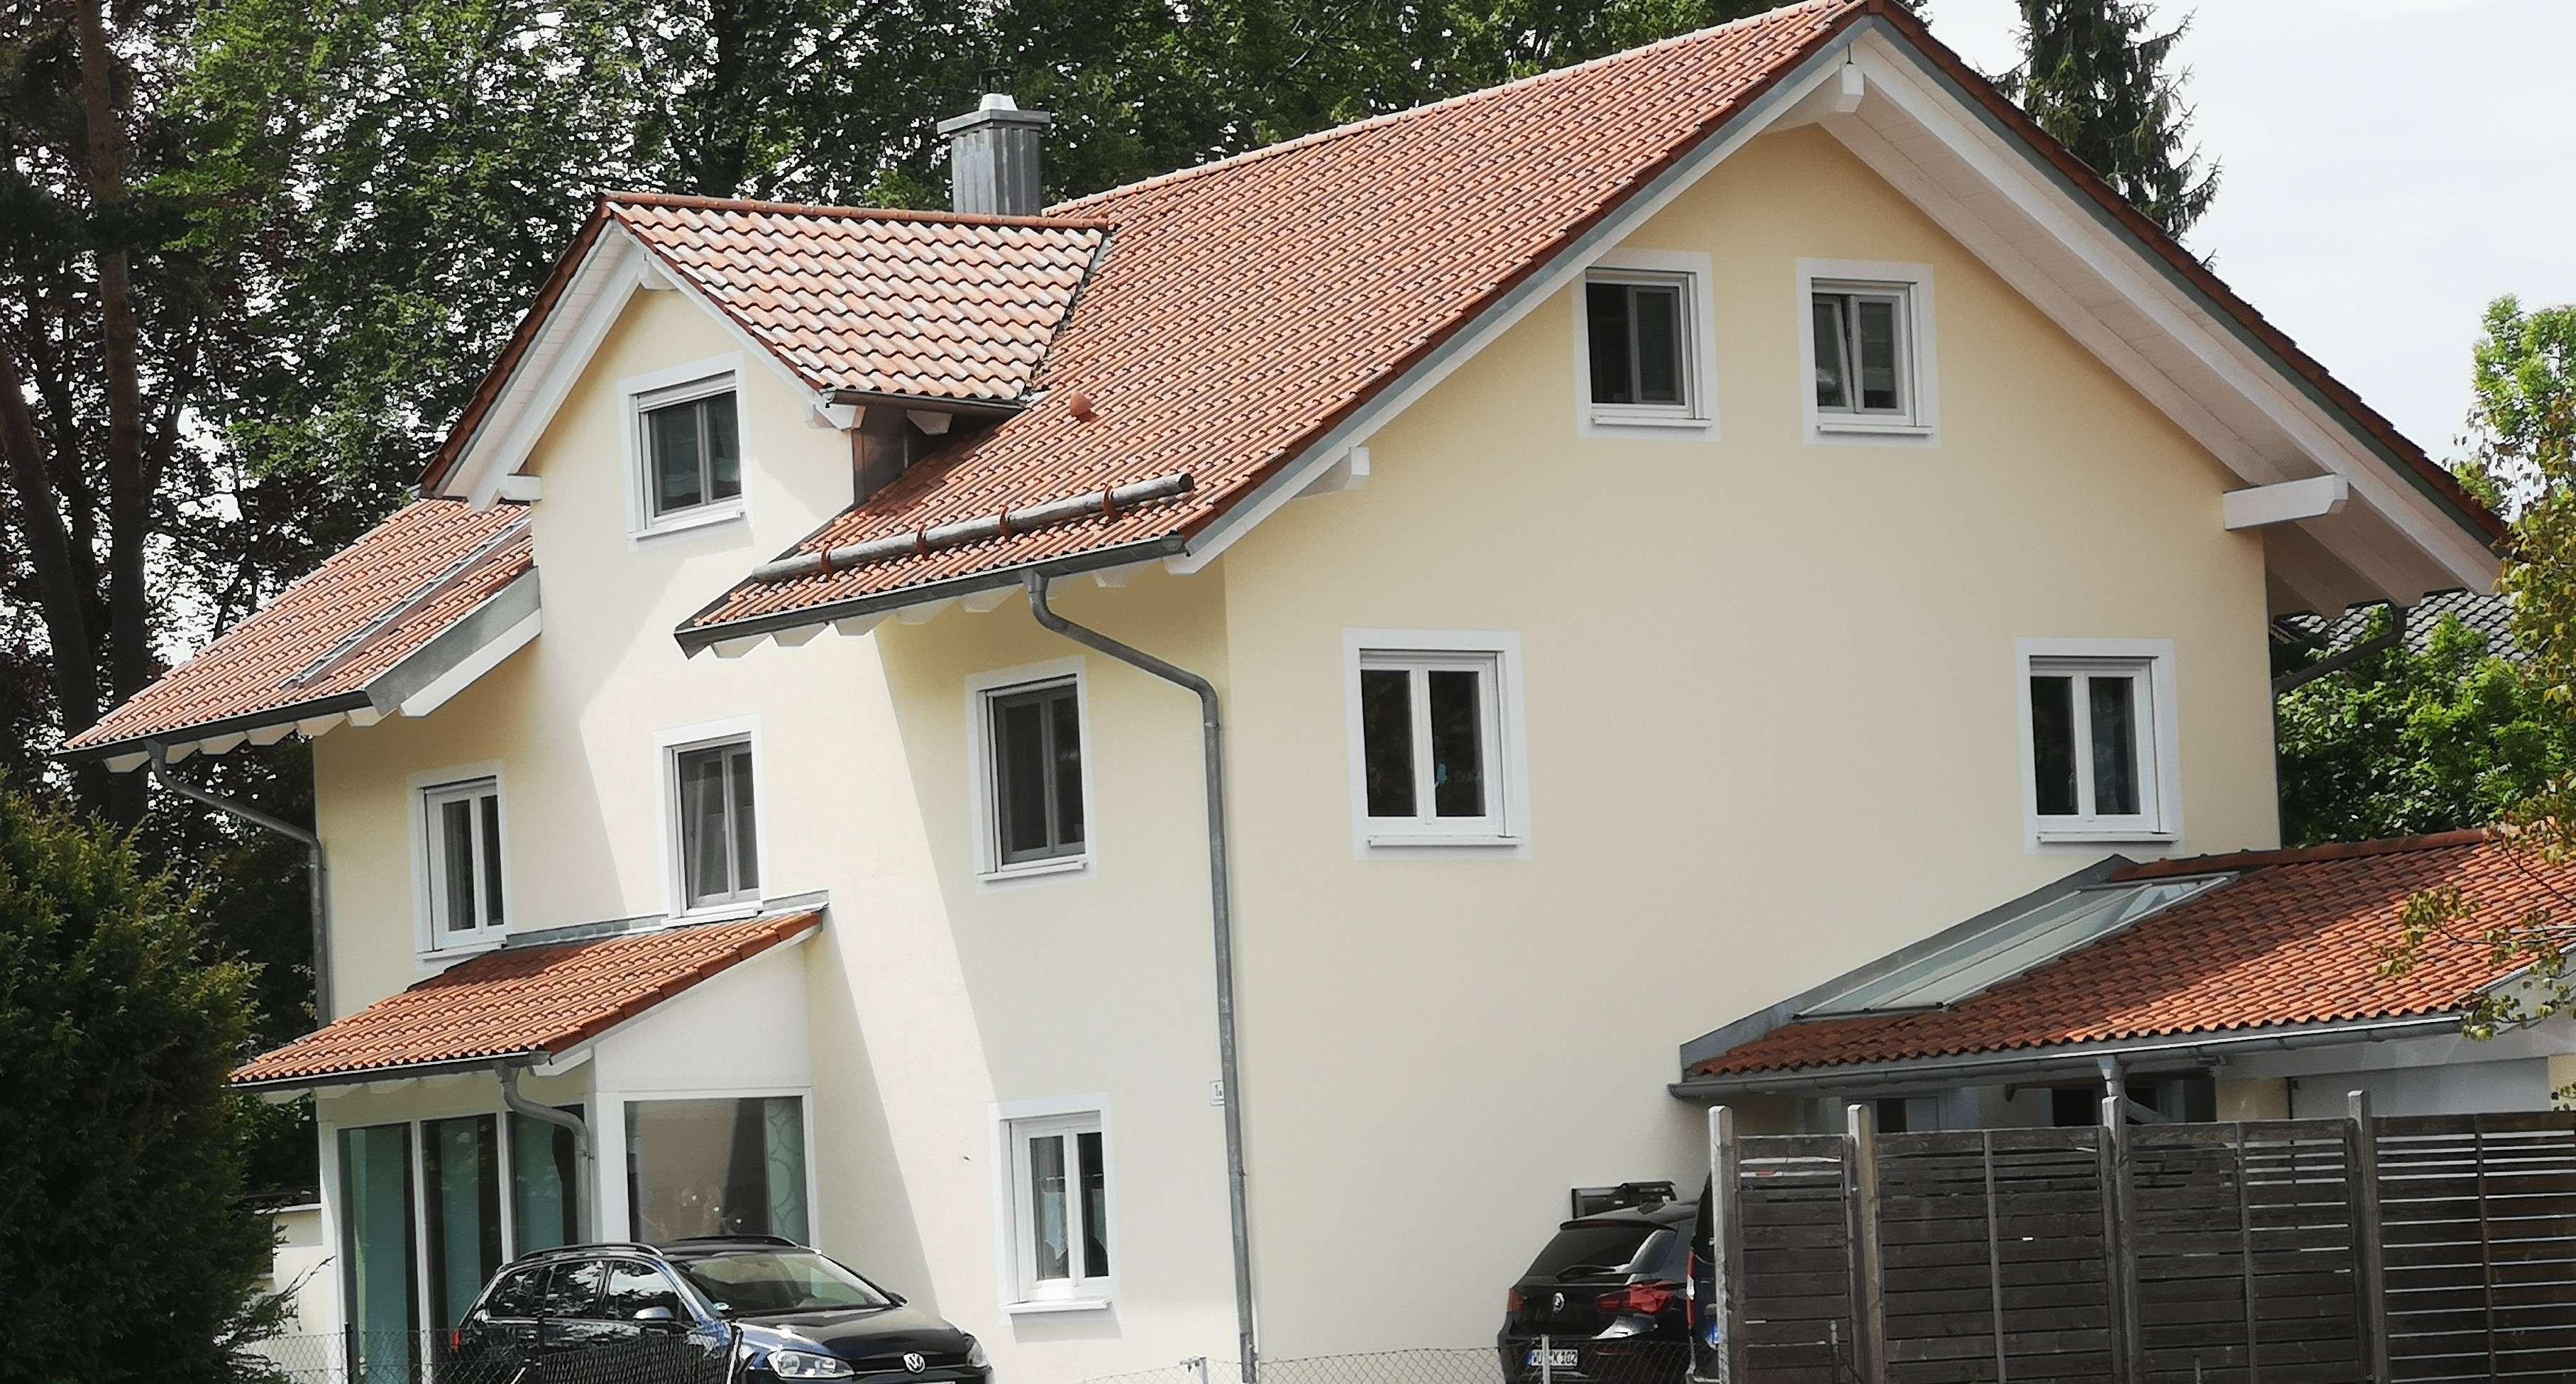 Stilvolle, neuwertige 4-Zimmer-Maisonette-Wohnung mit 2 Balkonen in